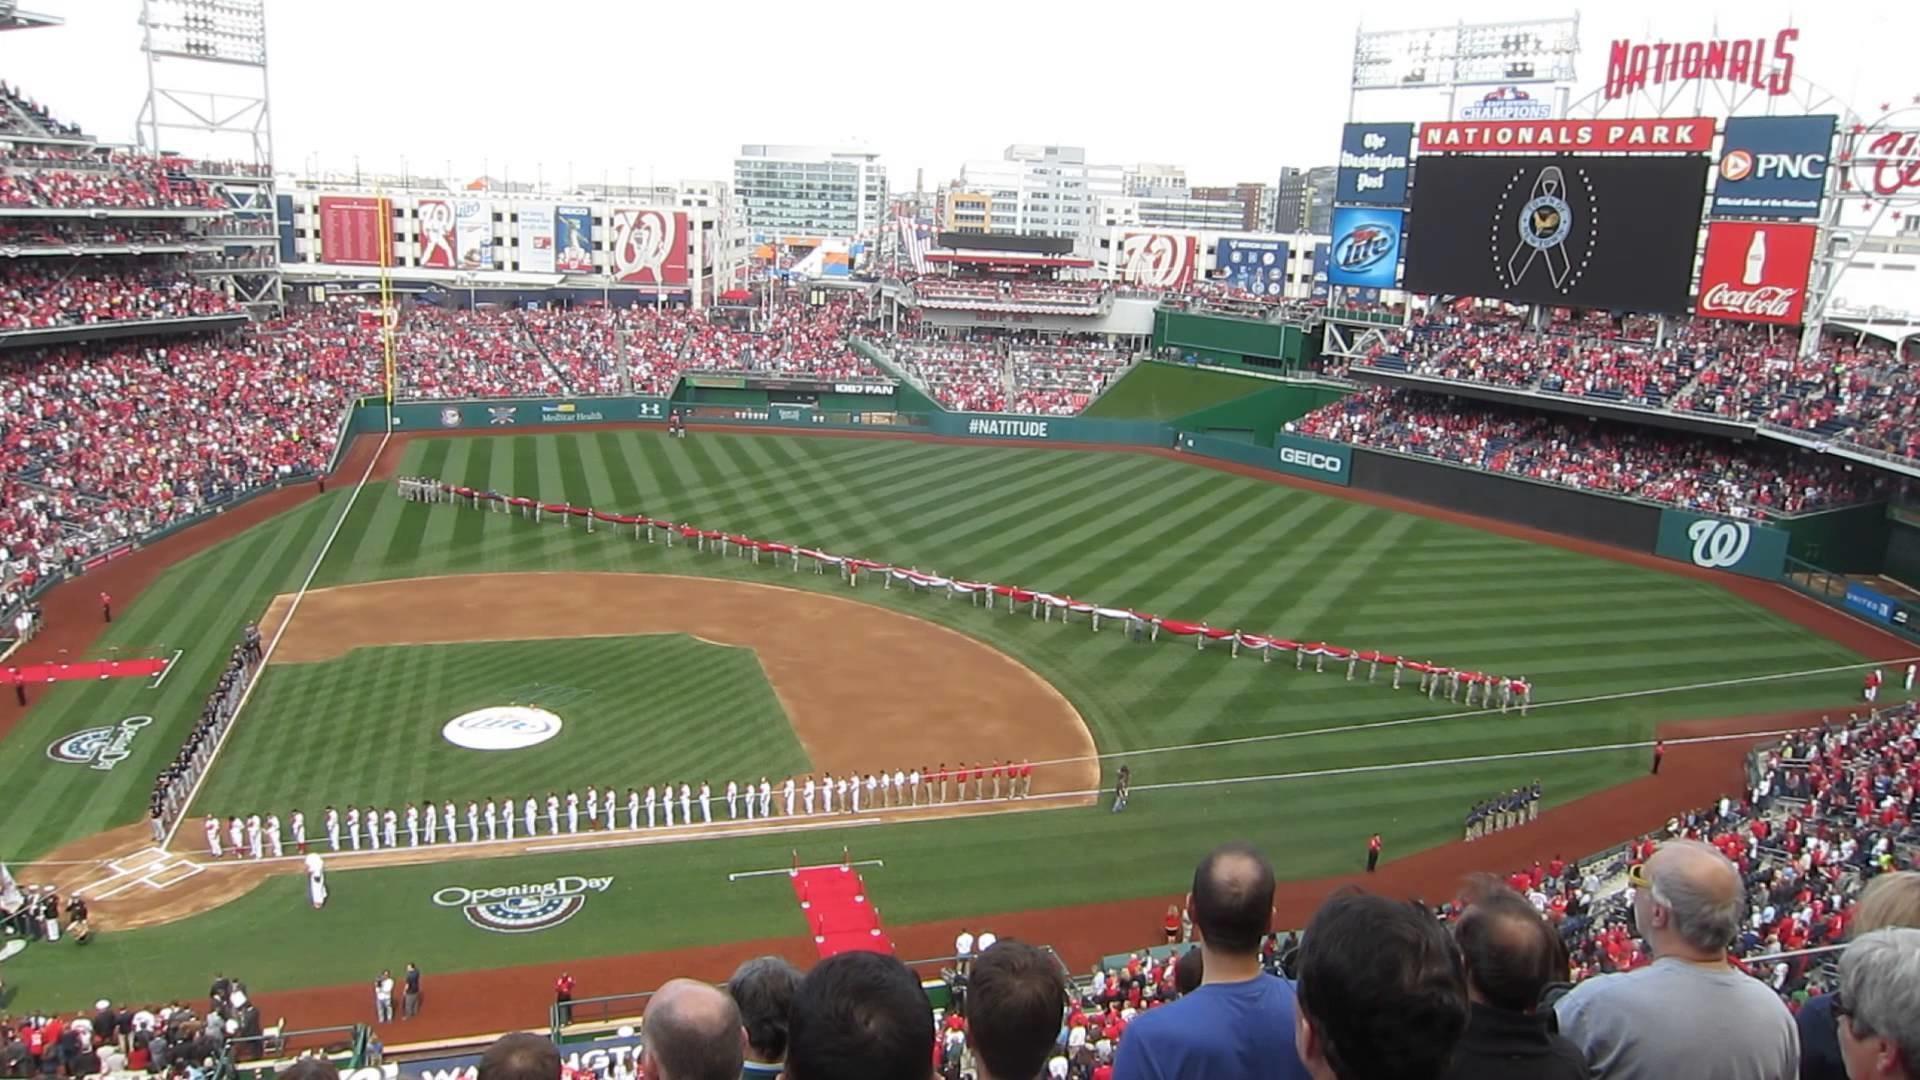 Washington Nationals Opening Day 2013